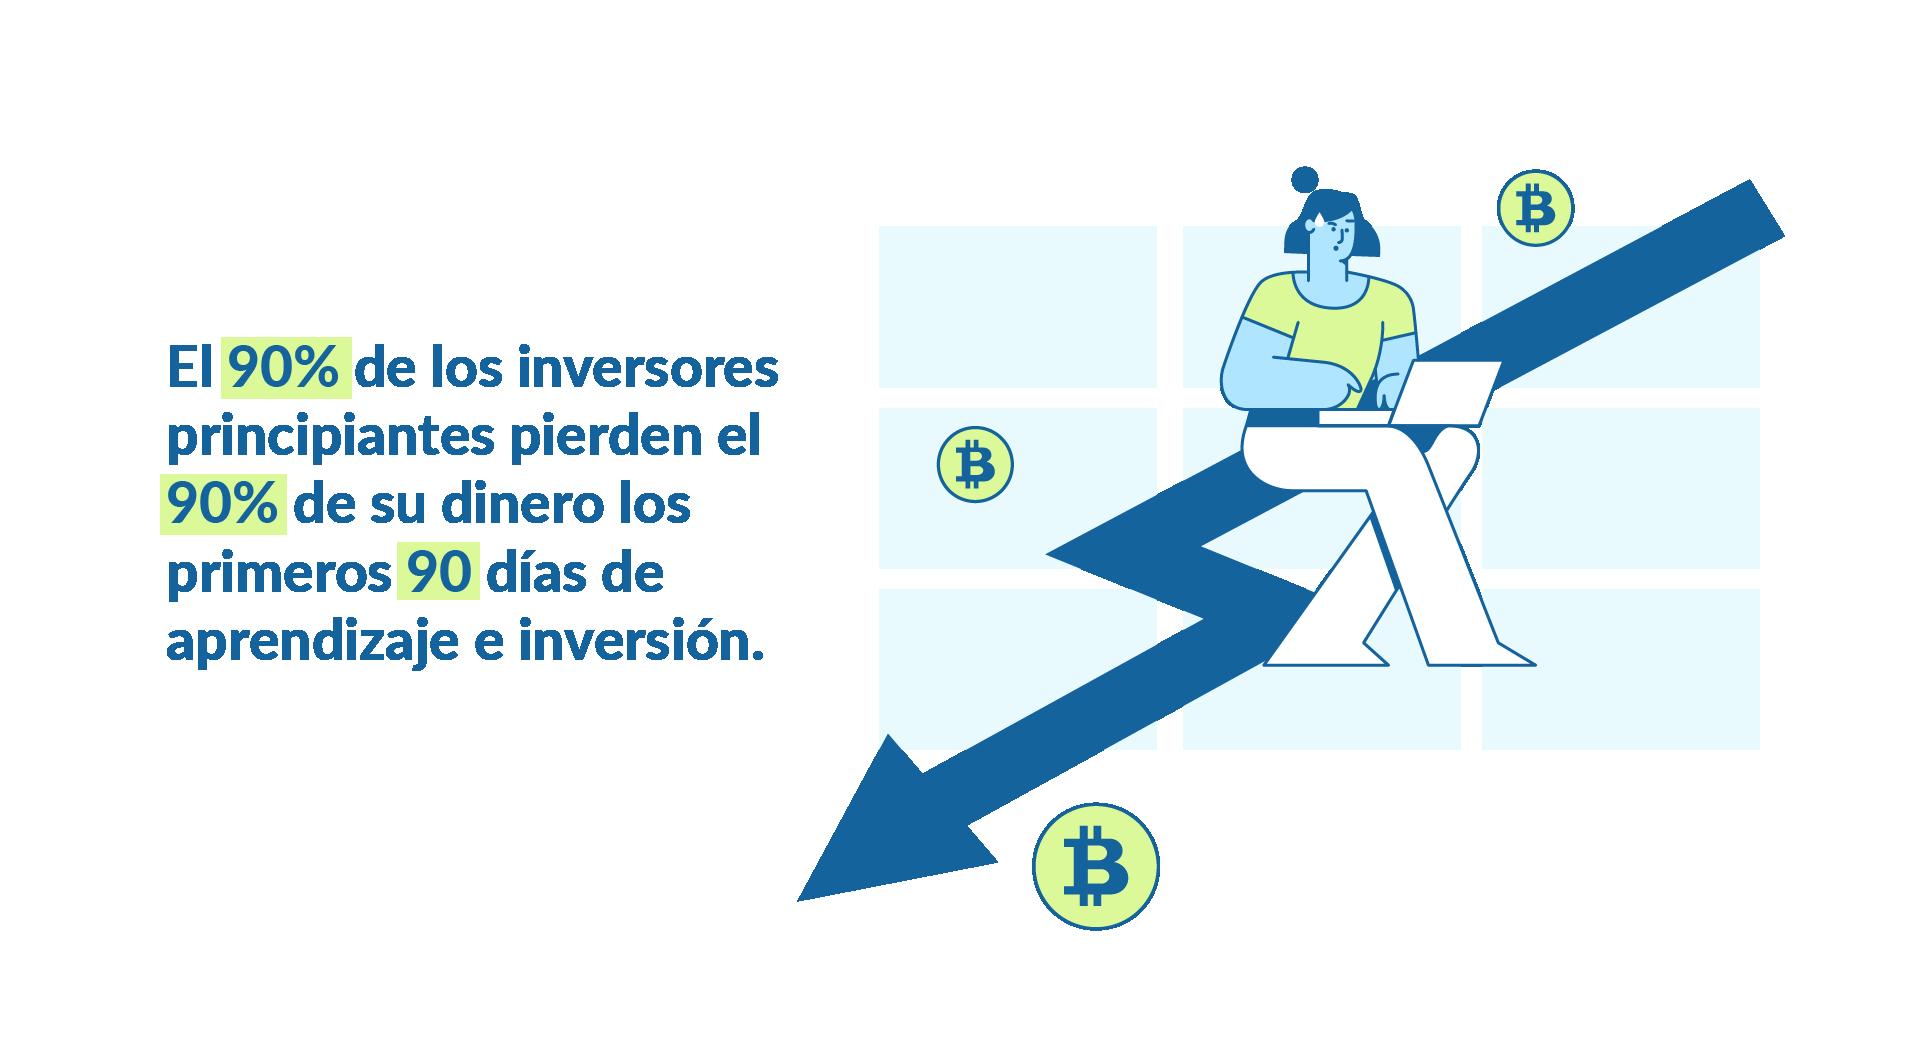 Cómo decidir en qué cripto invertir